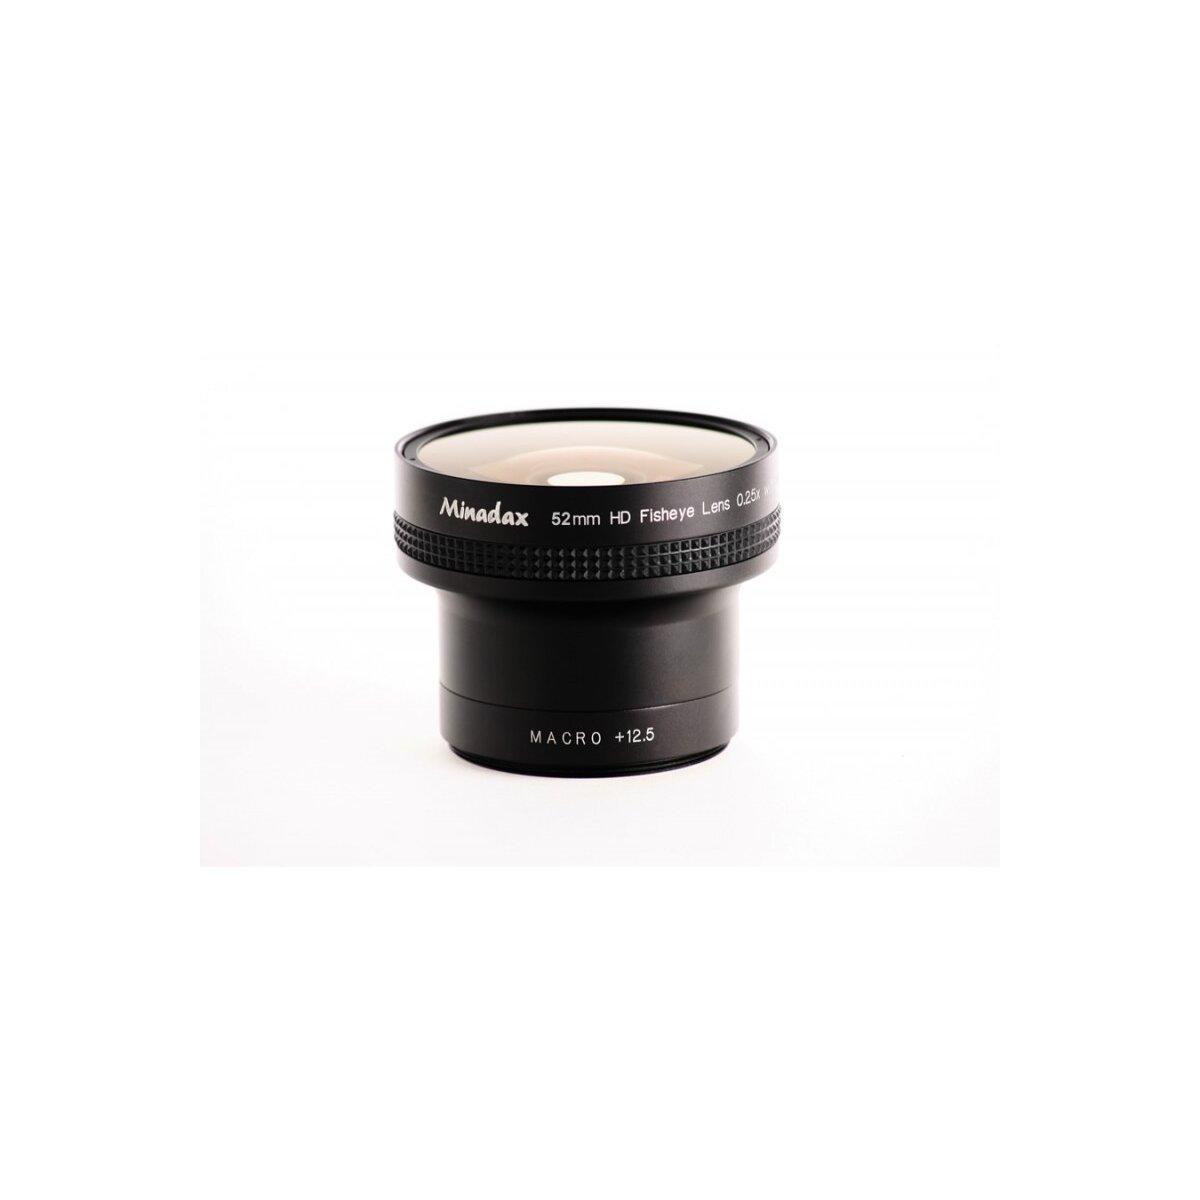 Minadax 0.25x Fisheye Vorsatz kompatibel mit Canon Powershot S1 IS - in schwarz